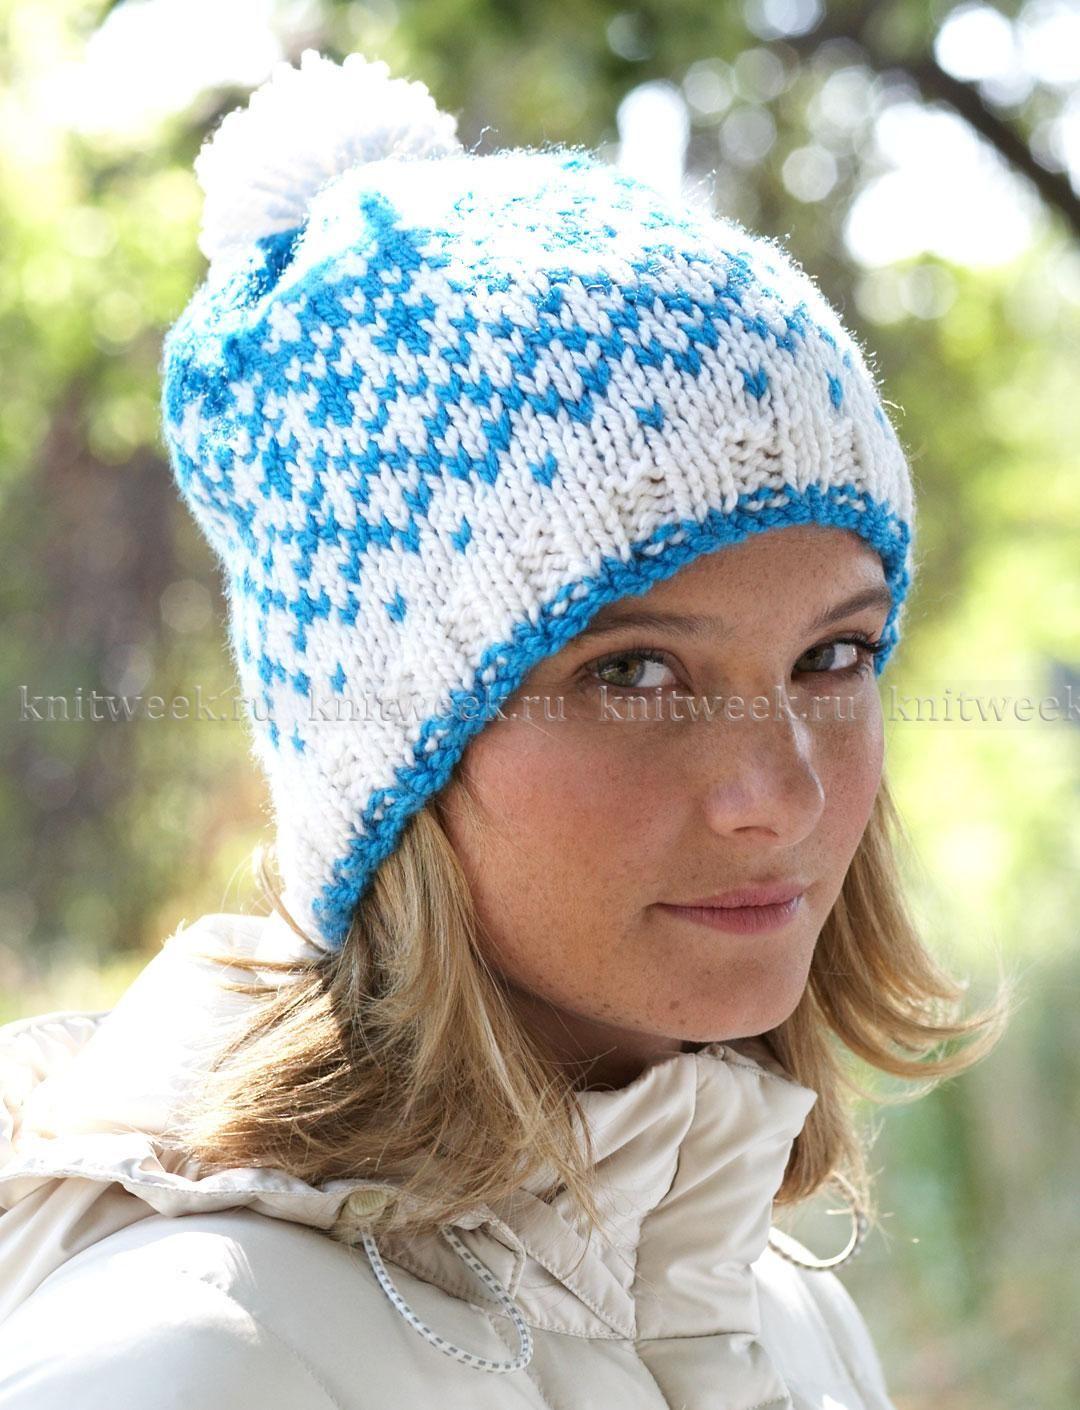 Зимняя цветная шапка спицами | DIY_knit_yokes & muster | Pinterest ...